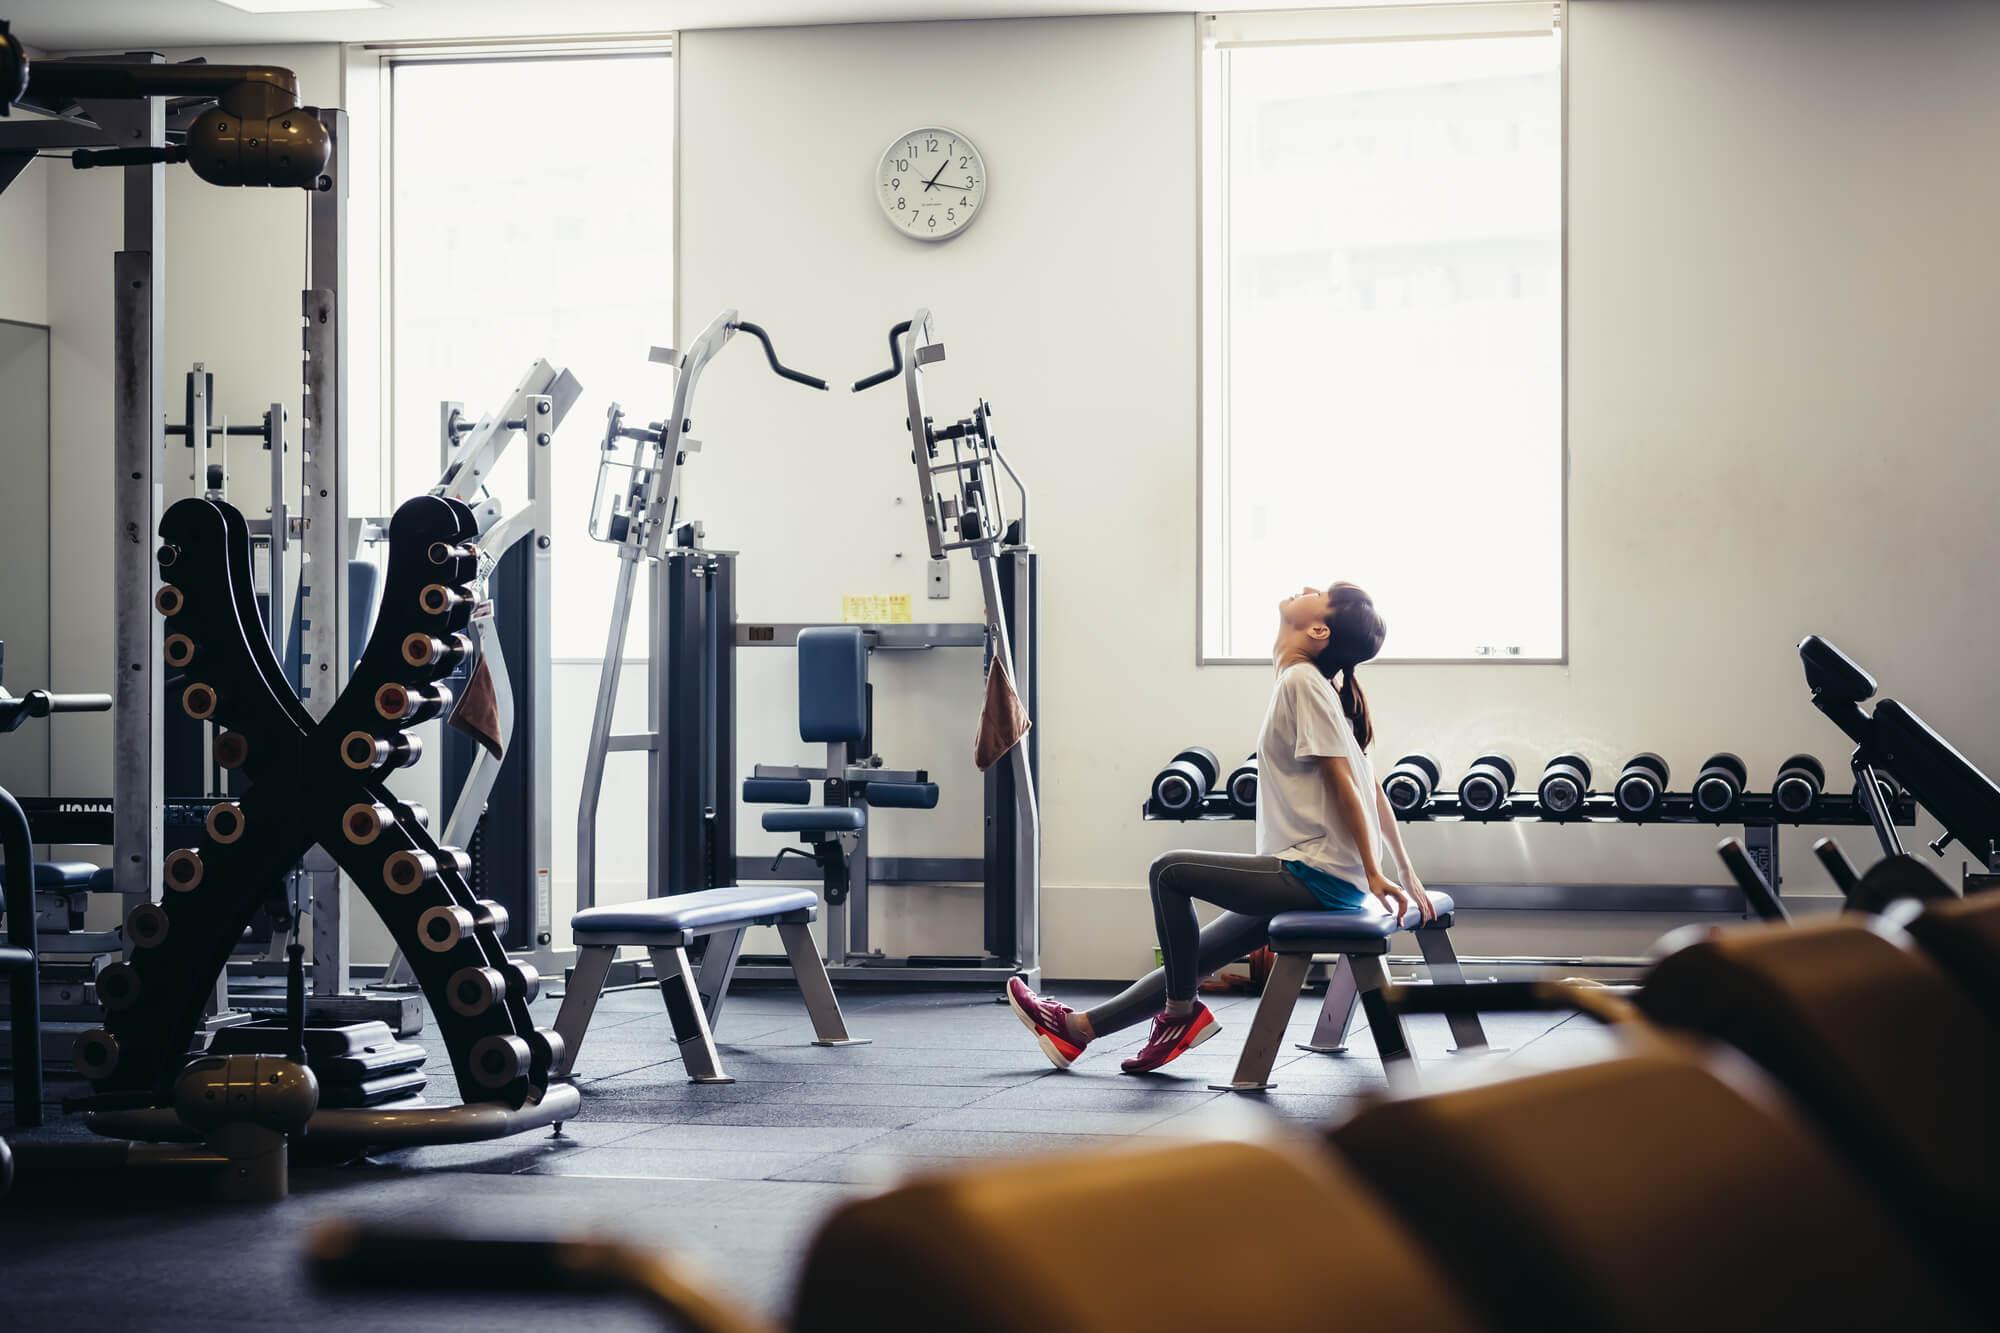 プロテインを飲むだけでは筋肉はつかない!?運動・栄養・休養の3ステップを知ろう